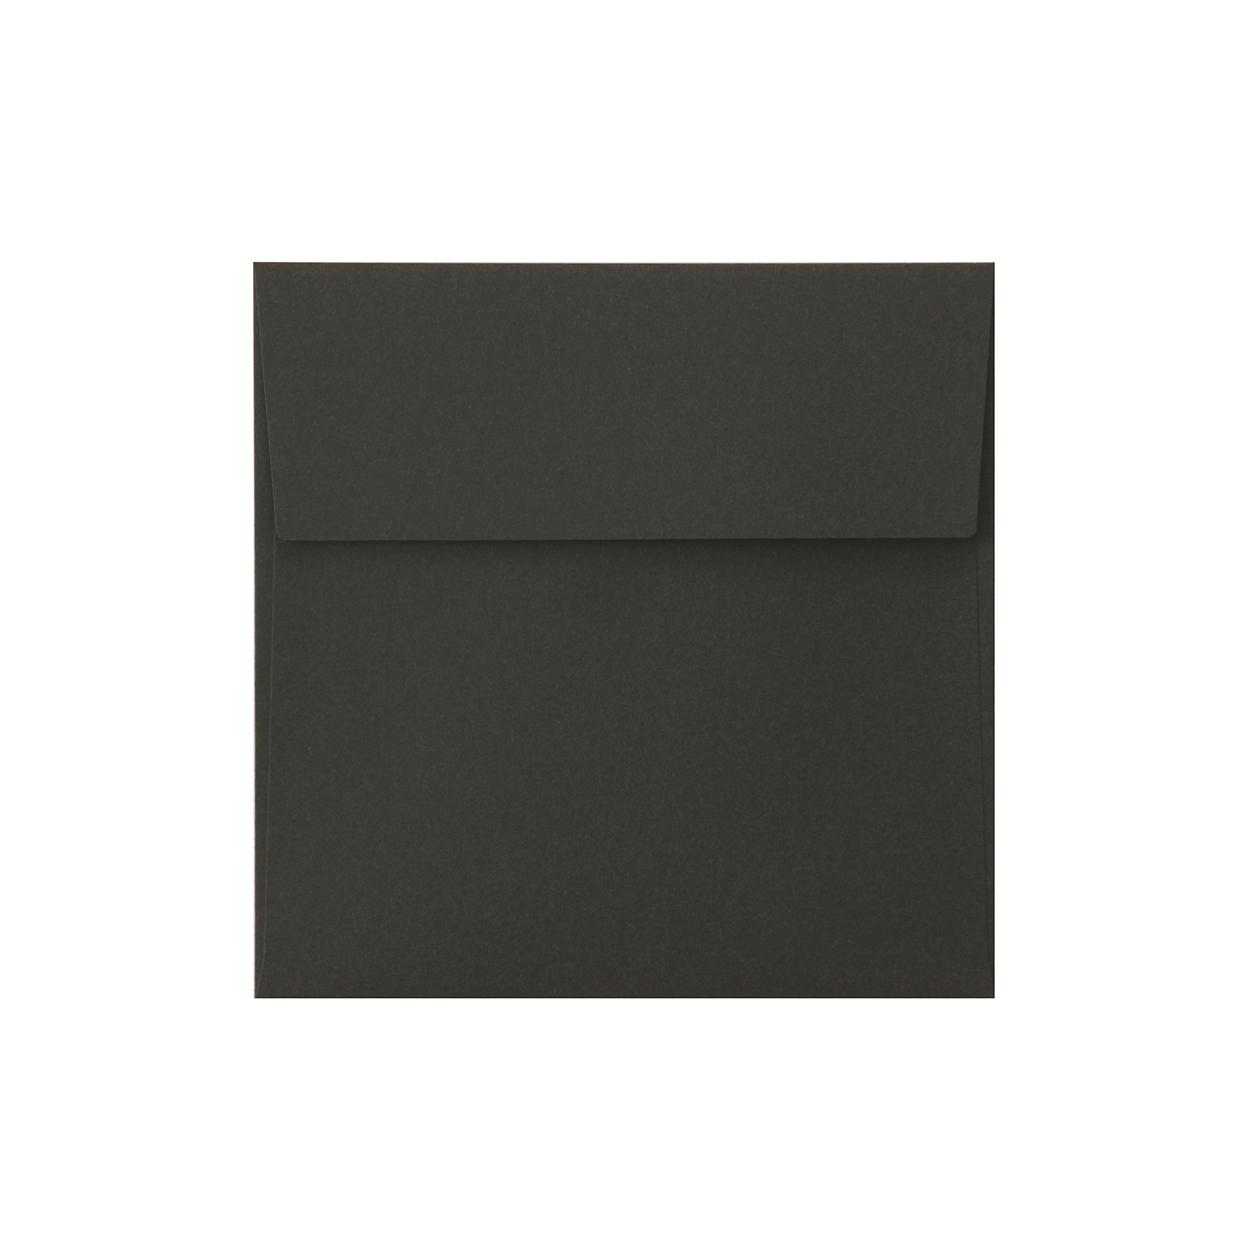 SE16カマス封筒 コットン(NTラシャ) 黒 116.3g